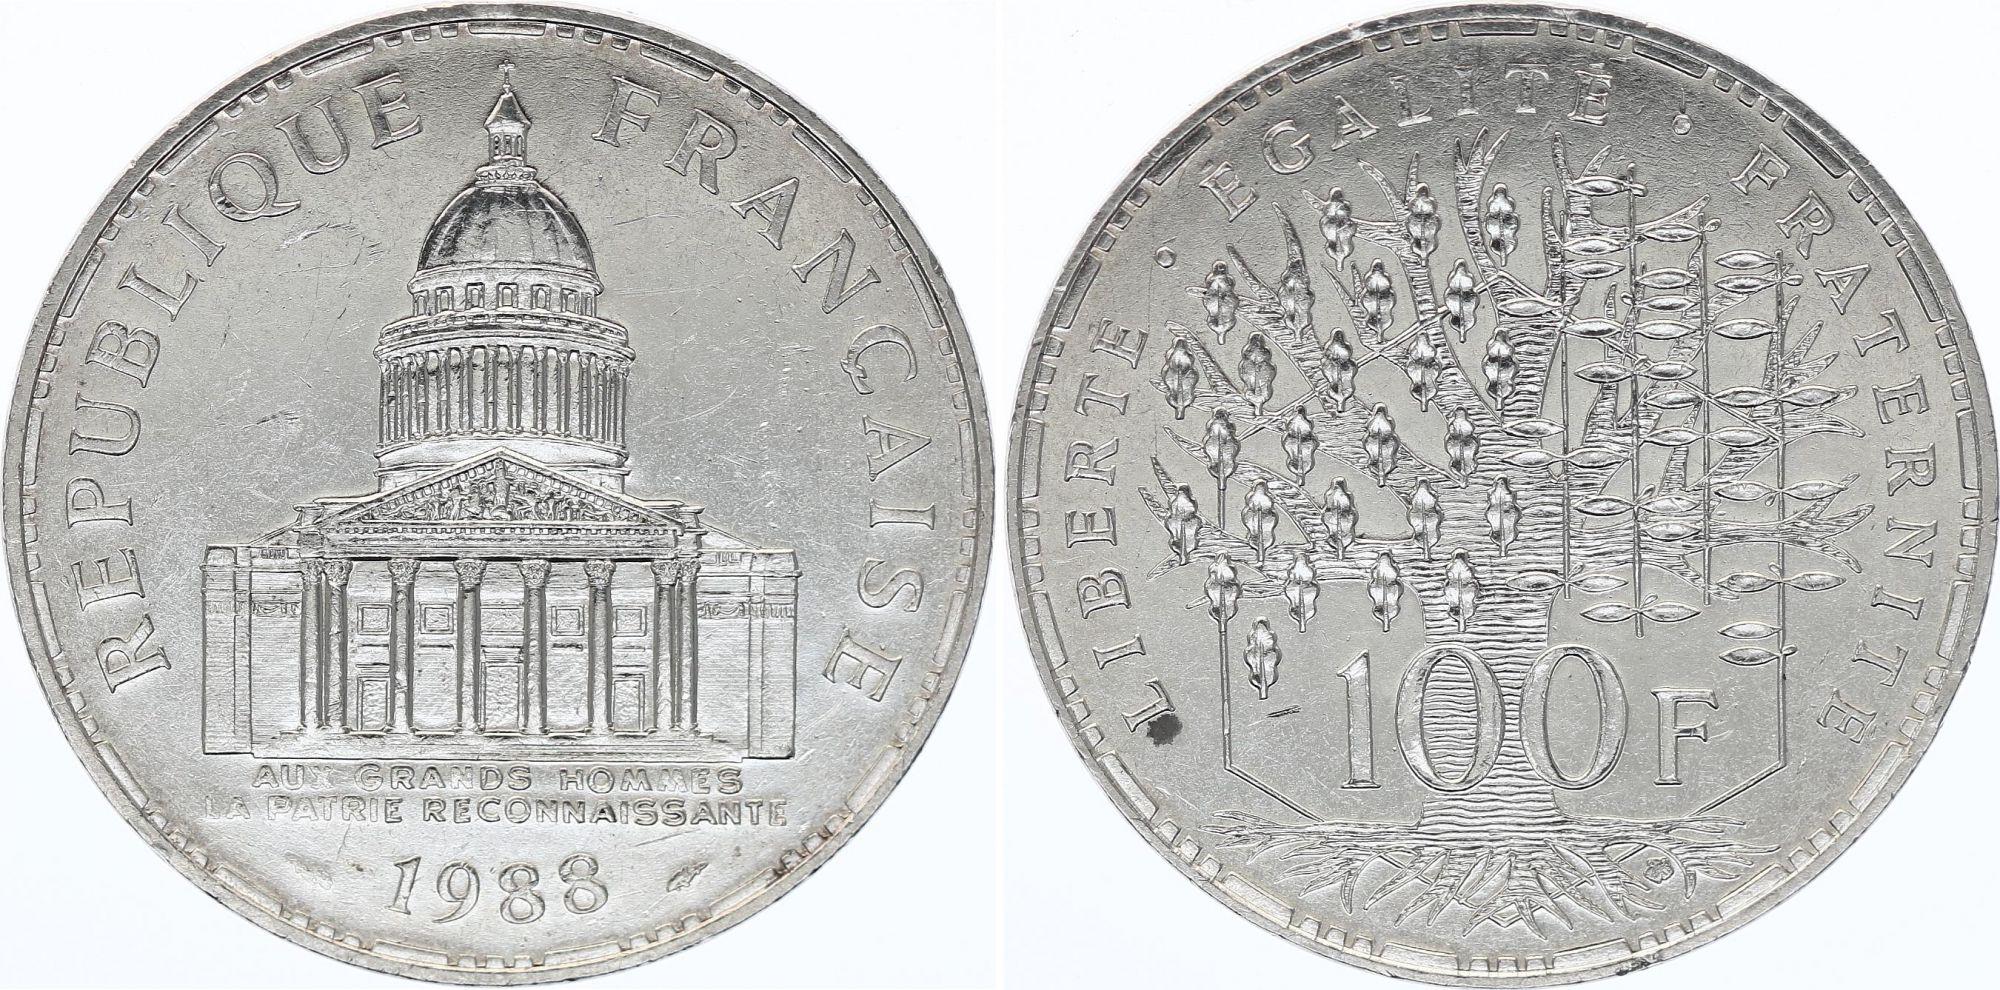 France 100 Francs Panthéon - 1988 - SPL - Argent